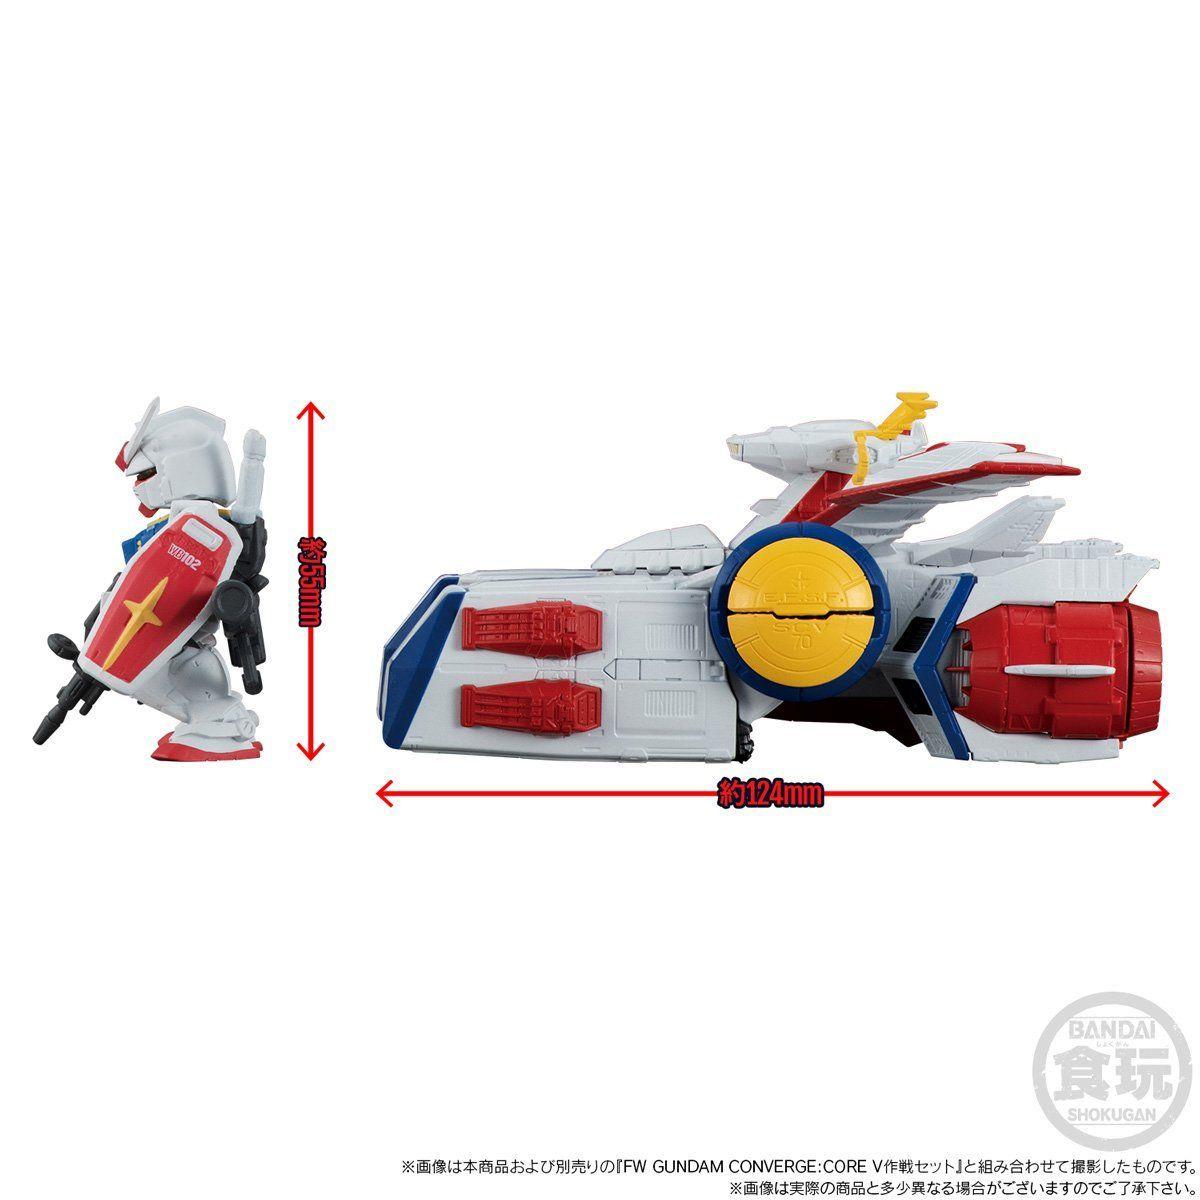 【限定販売】【食玩】FW GUNDAM CONVERGE SB『ペガサス級強襲揚陸艦2番艦 ホワイトベース』デフォルメ可動フィギュア-007